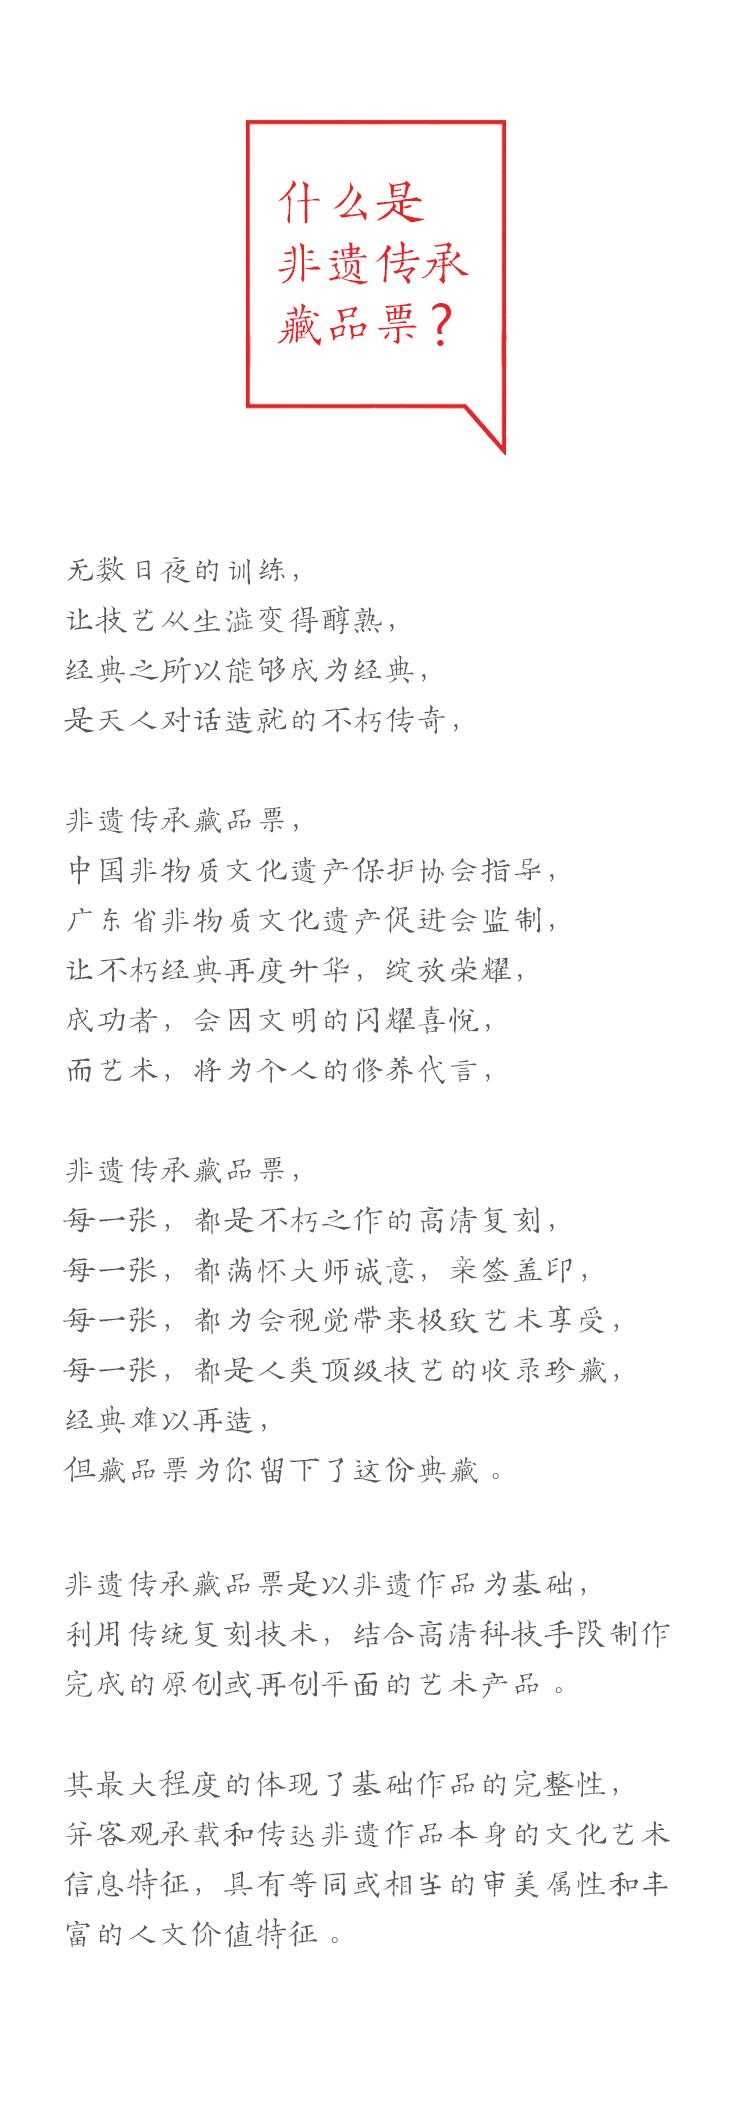 玉骨冰心_06.jpg